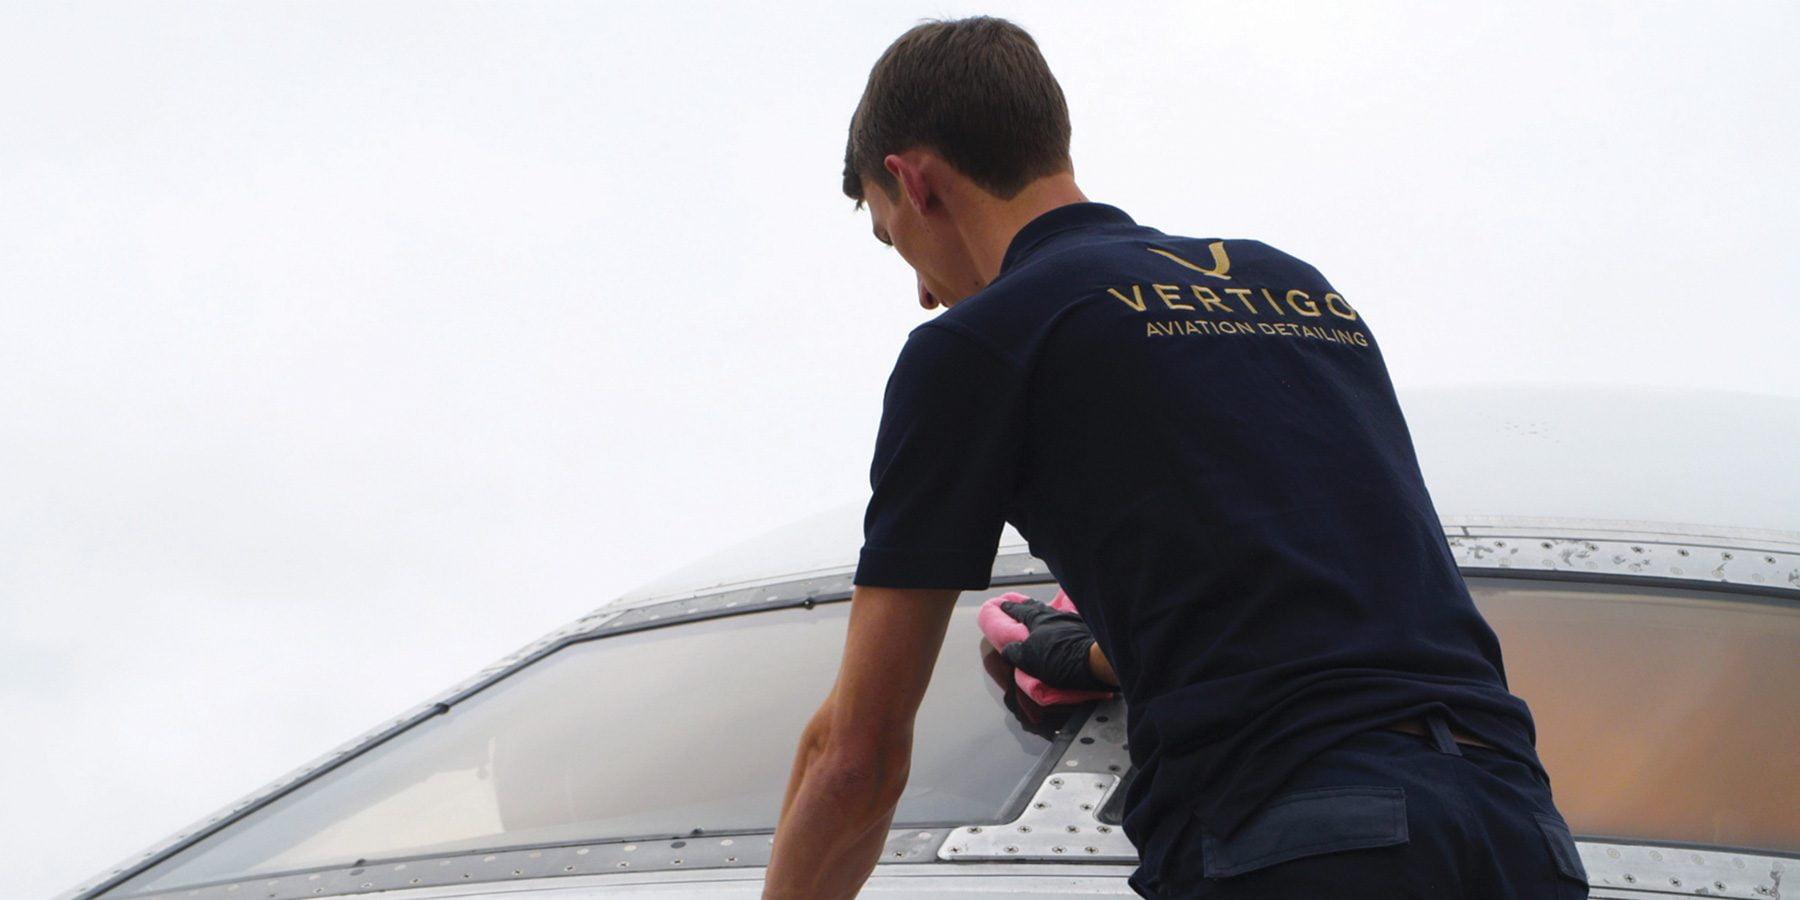 About Vertigo Aviation Detailing